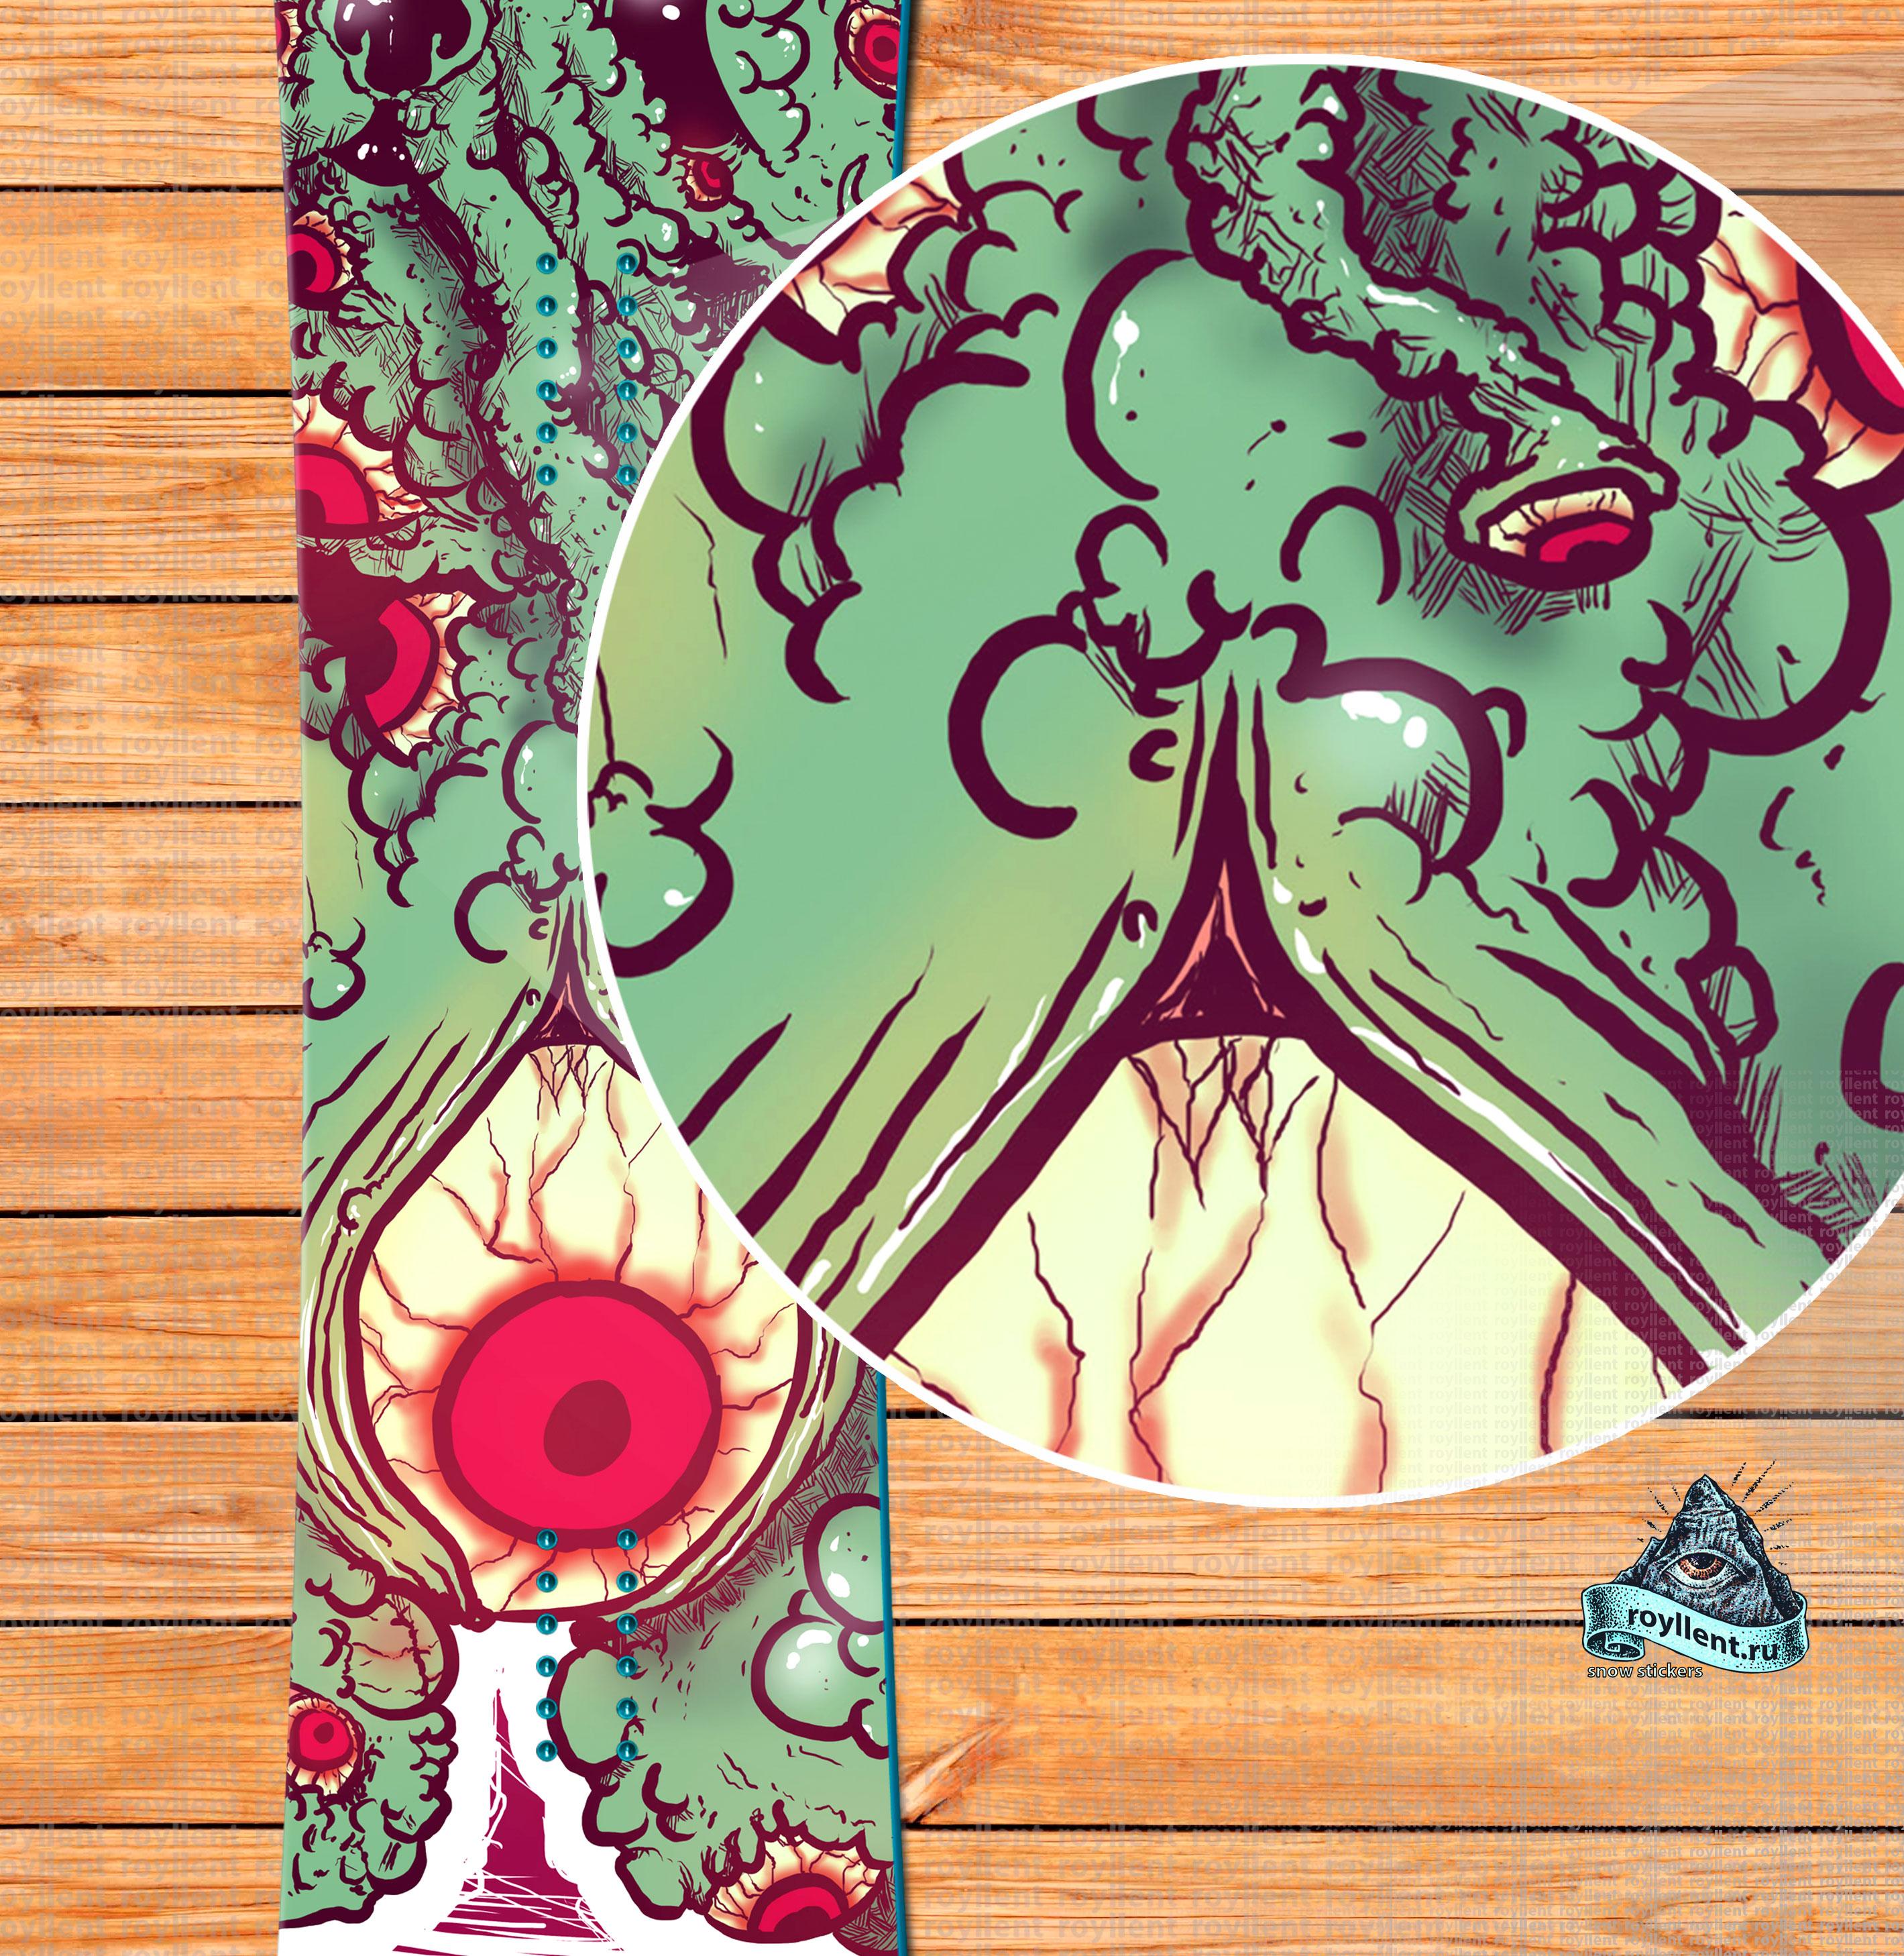 Наклейка Monster Dog Sothoth, наклейка Monster Dog Sothoth, наклейка на доску Monster Dog Sothoth , сноуборд наклейка Monster Dog Sothoth, виниловая наклейка Monster Dog Sothoth, магазин наклеек Monster Dog Sothoth, купить наклейку Monster Dog Sothoth, стикер Monster Dog Sothoth, sticker Monster Dog Sothoth, наклейка, заказать наклейку недорого